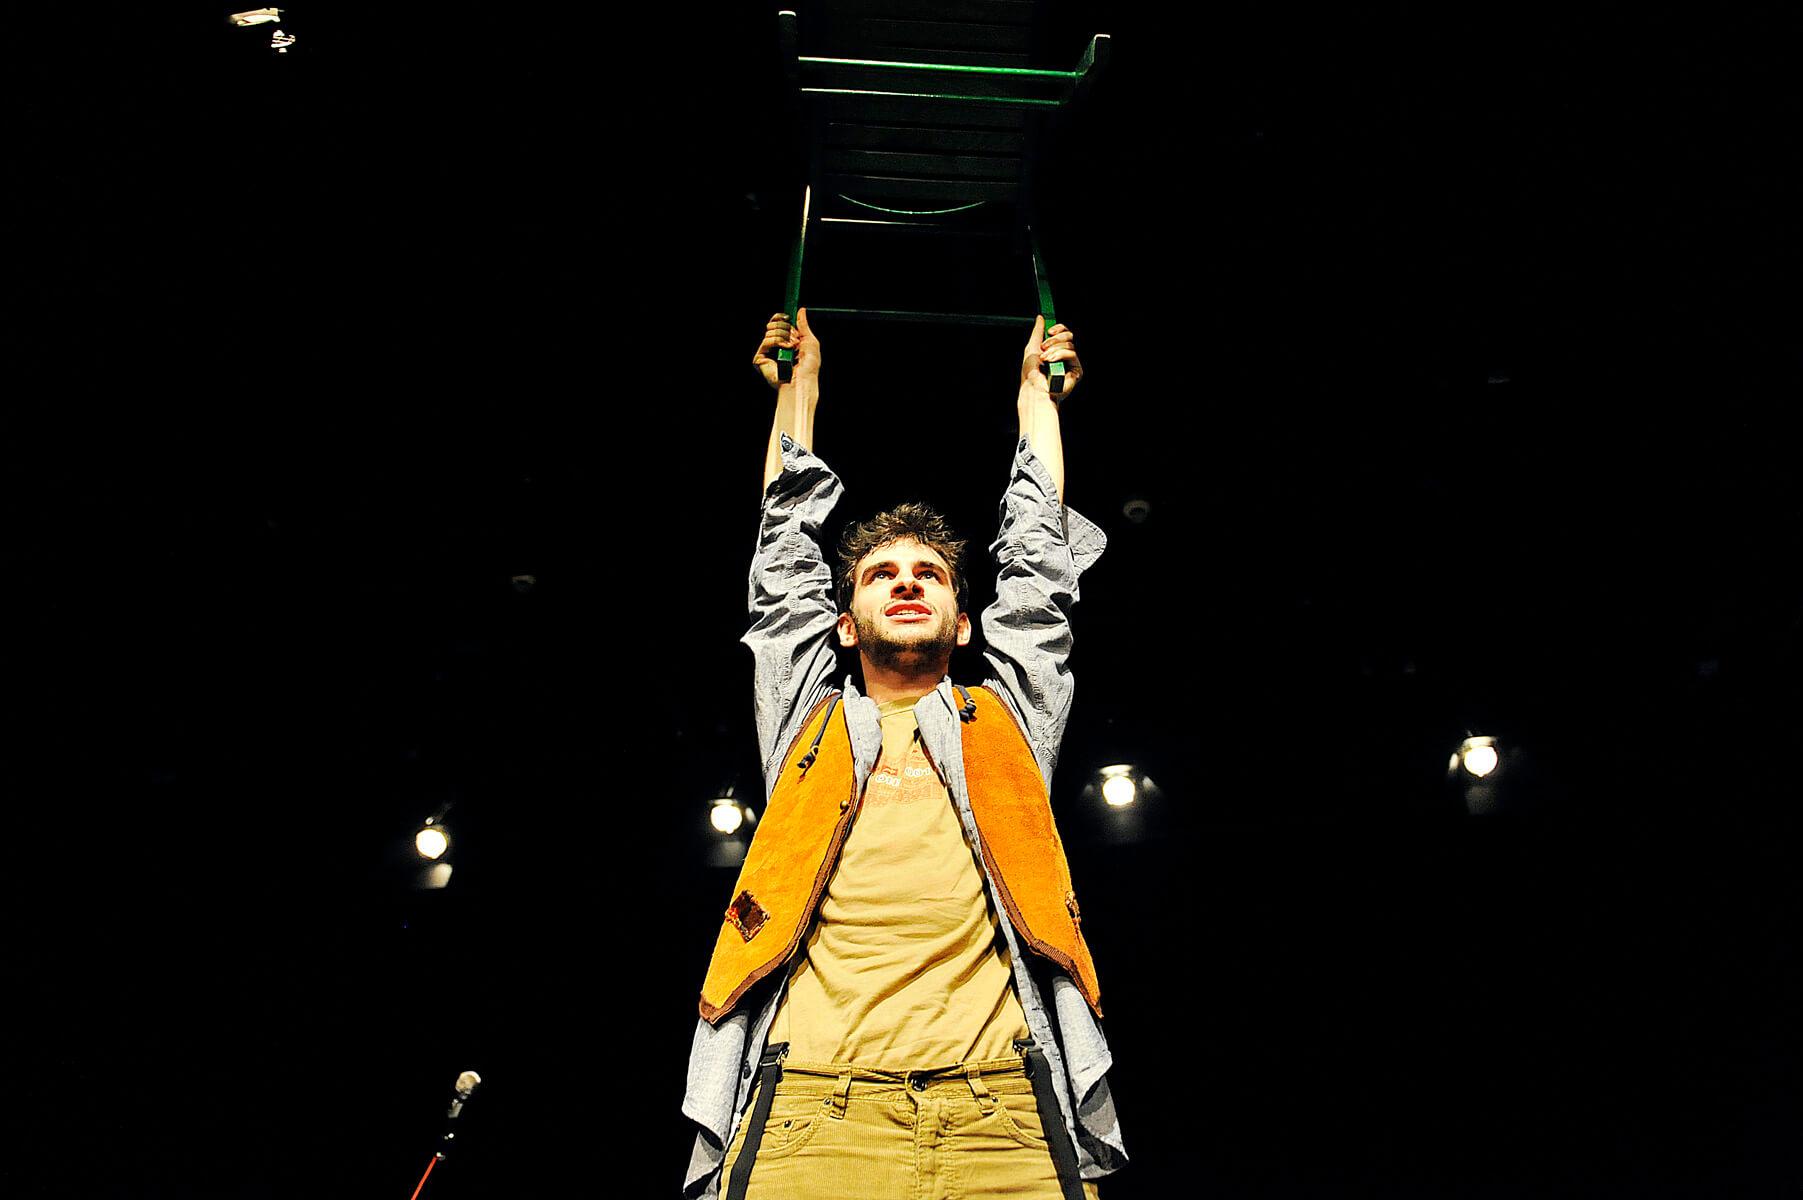 Zdjęcie do spektaklu Ścianananaświat. Aktor stoi z uniesionym w górze zielonym krzesłem.